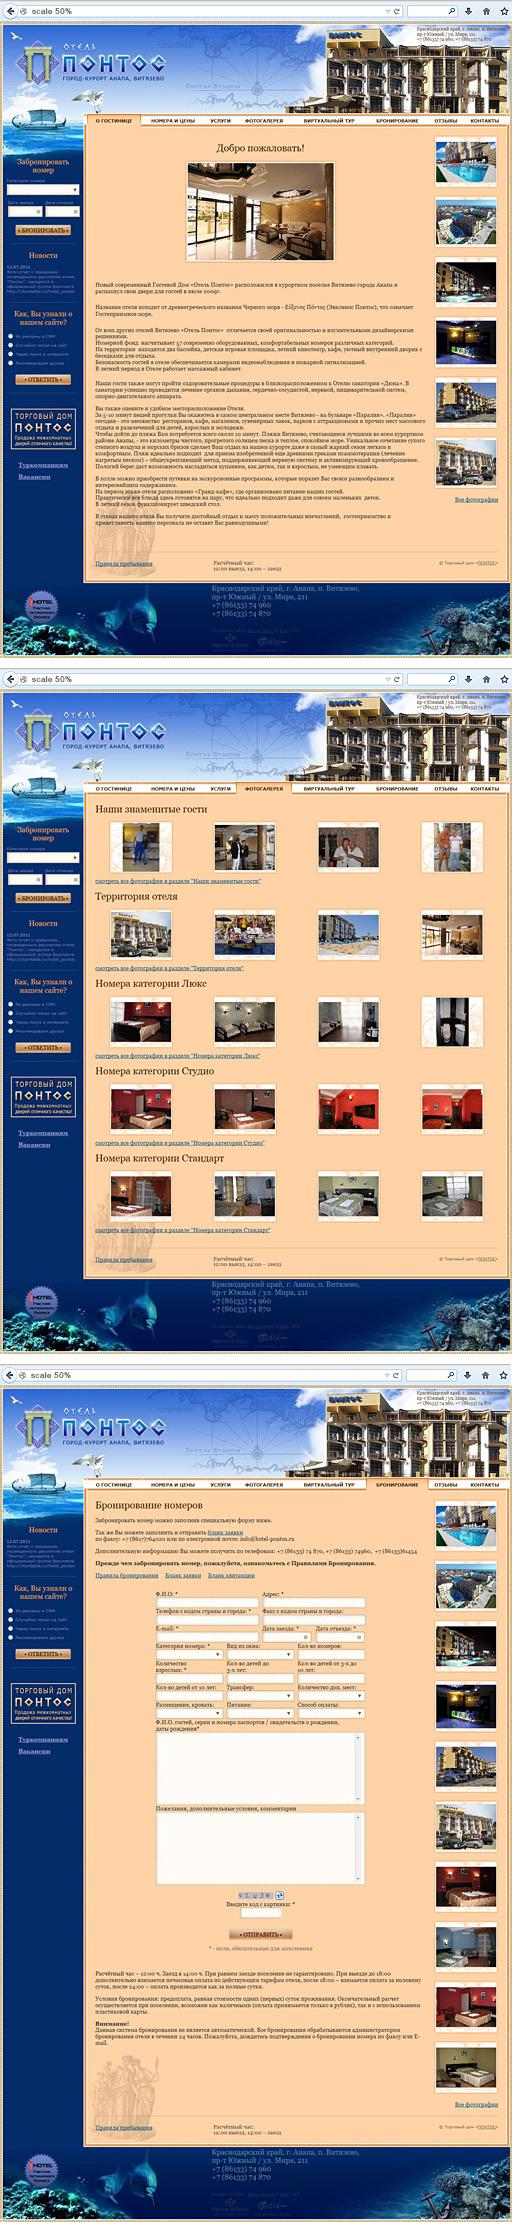 2009 - «Понтос» - отель в Анапе, пос. Витязево